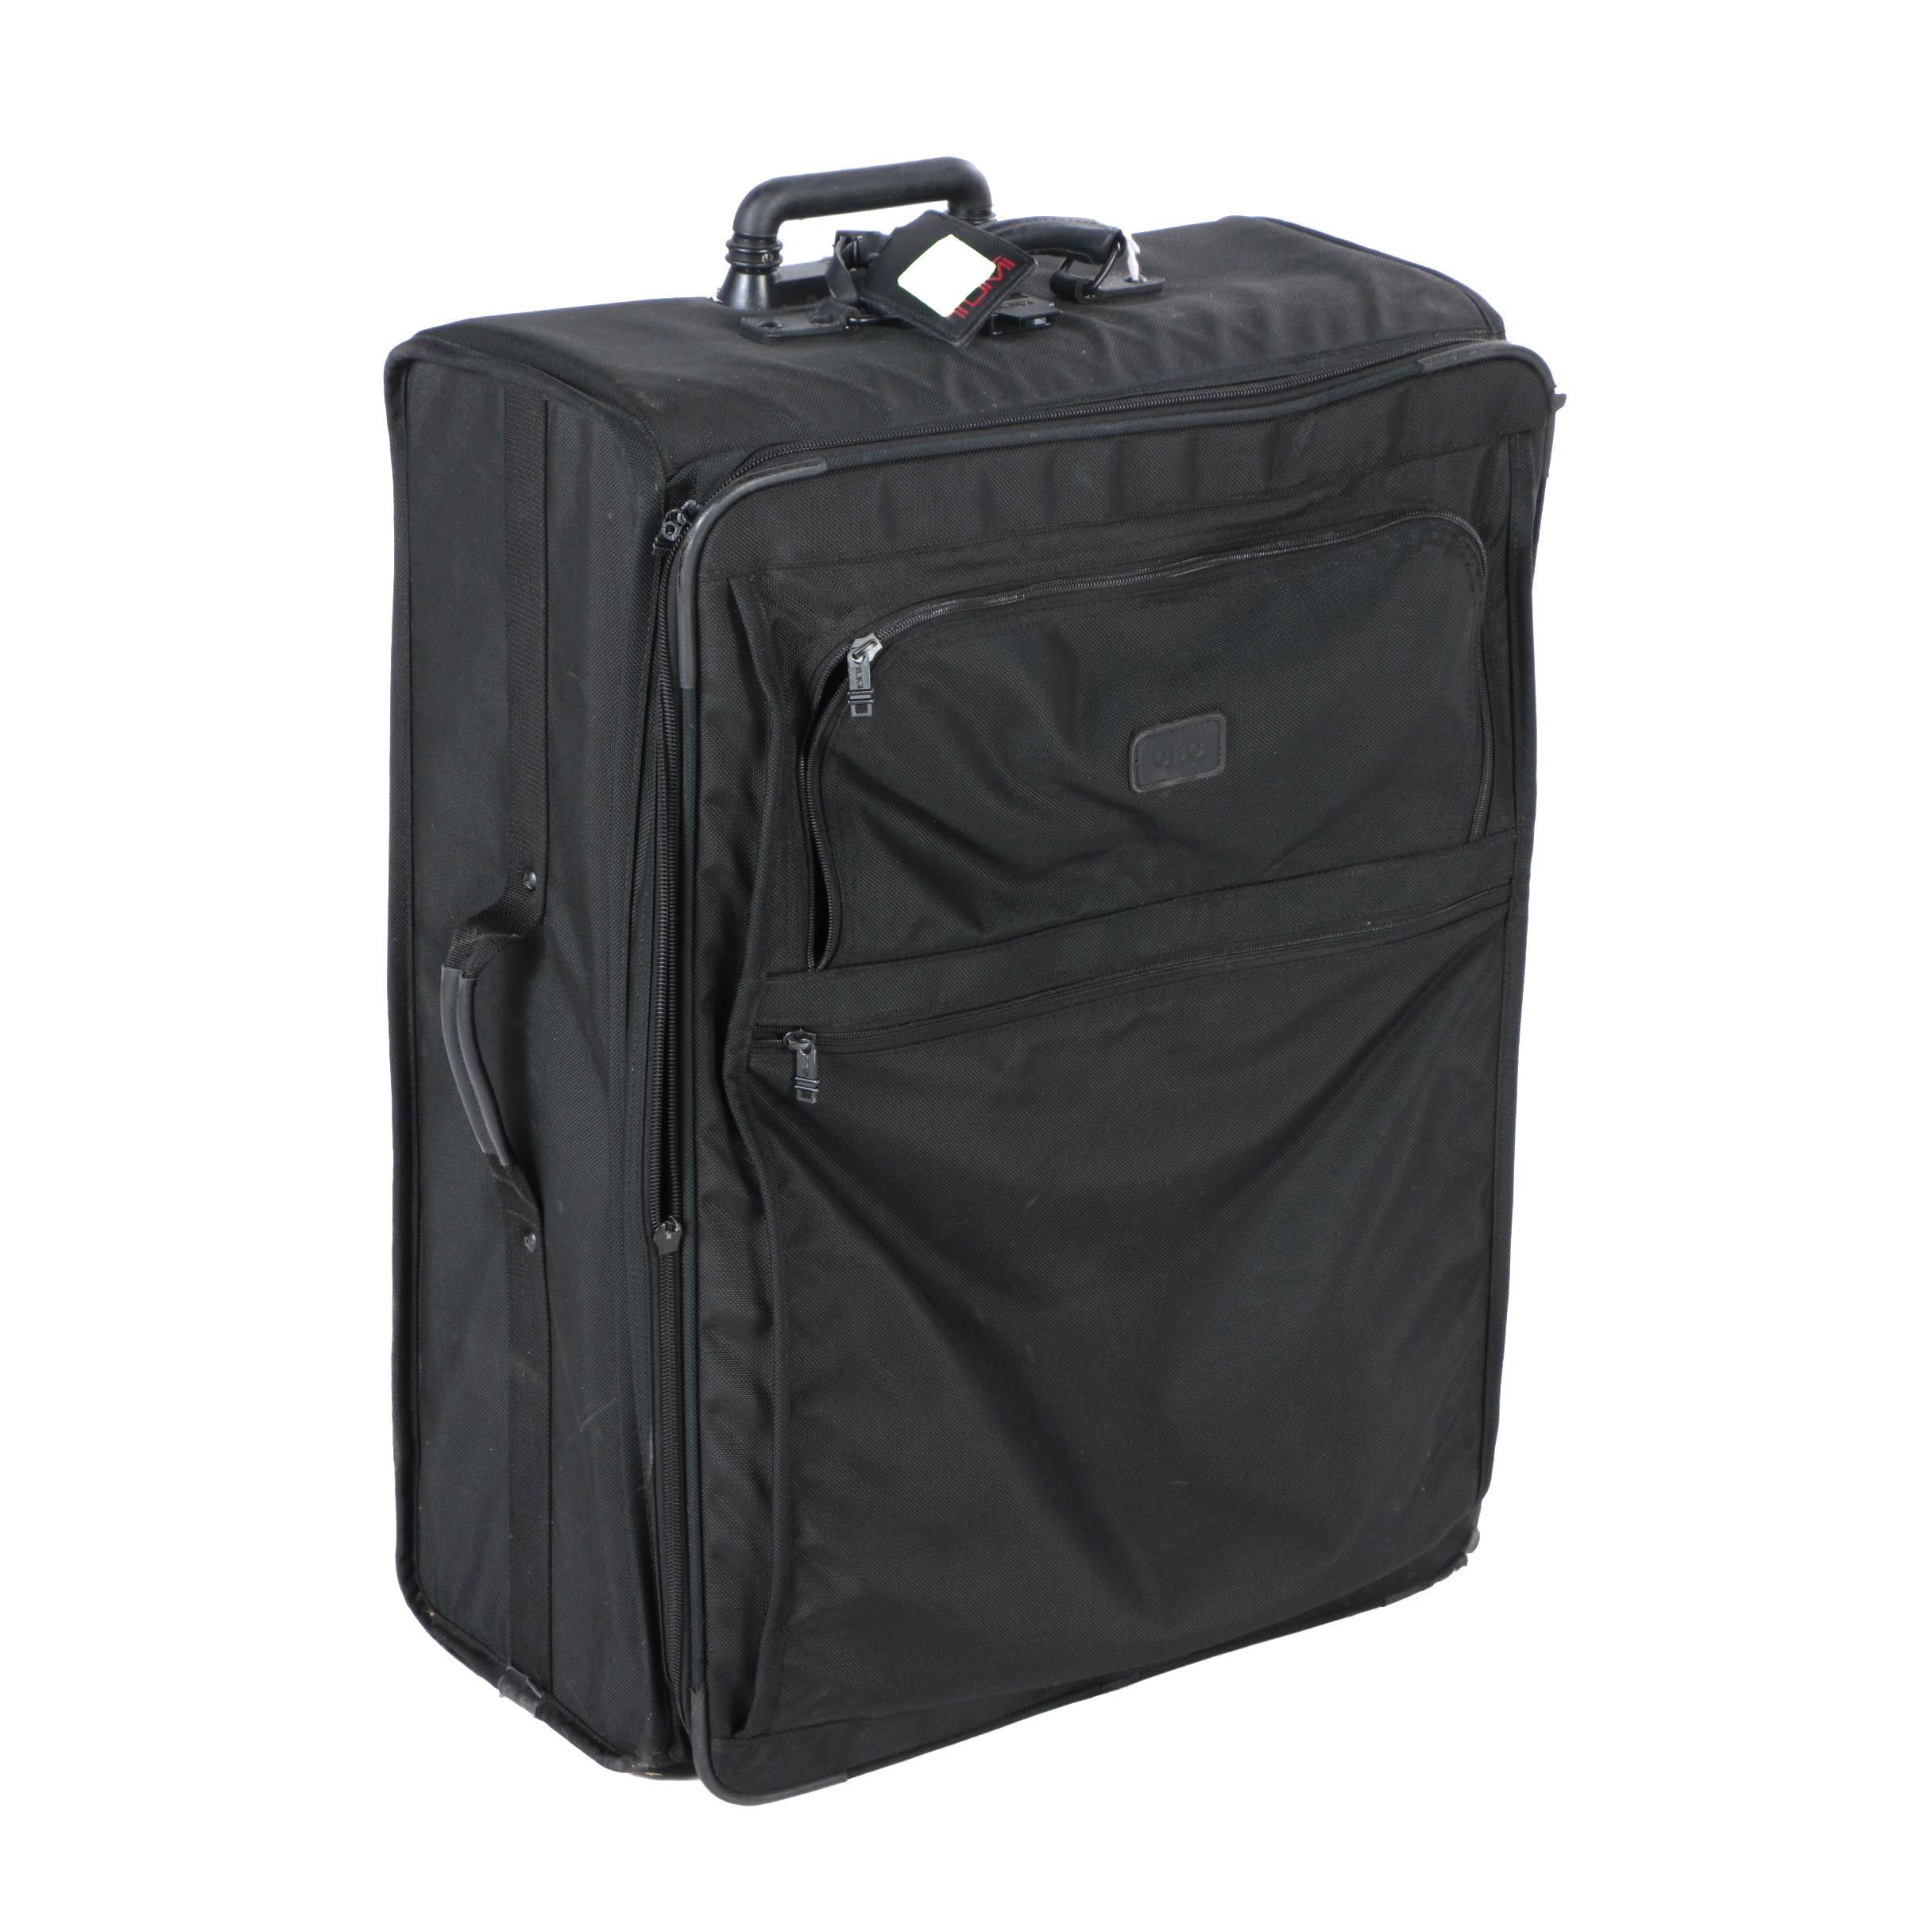 Tumi Wheeled Suitcase